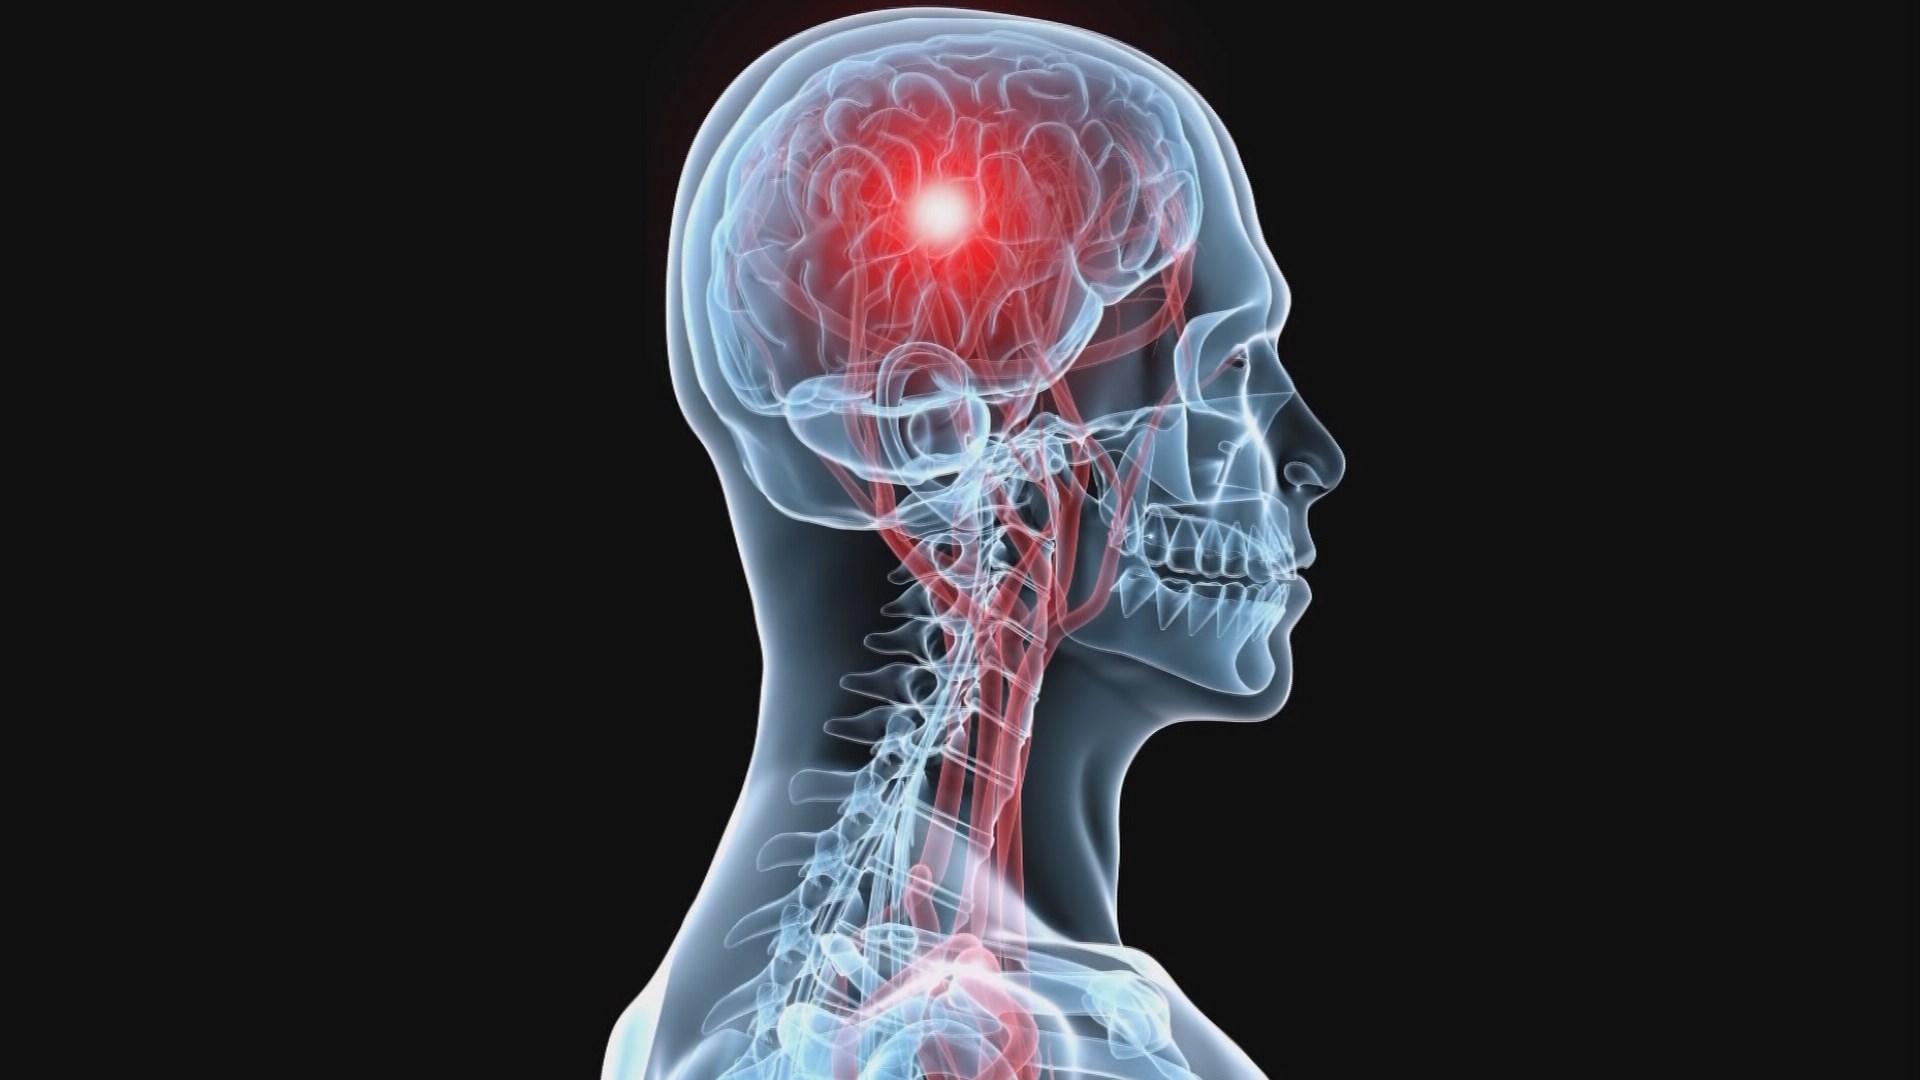 علائمی که قبل از سکتهی مغزی در بدن رخ میدهد